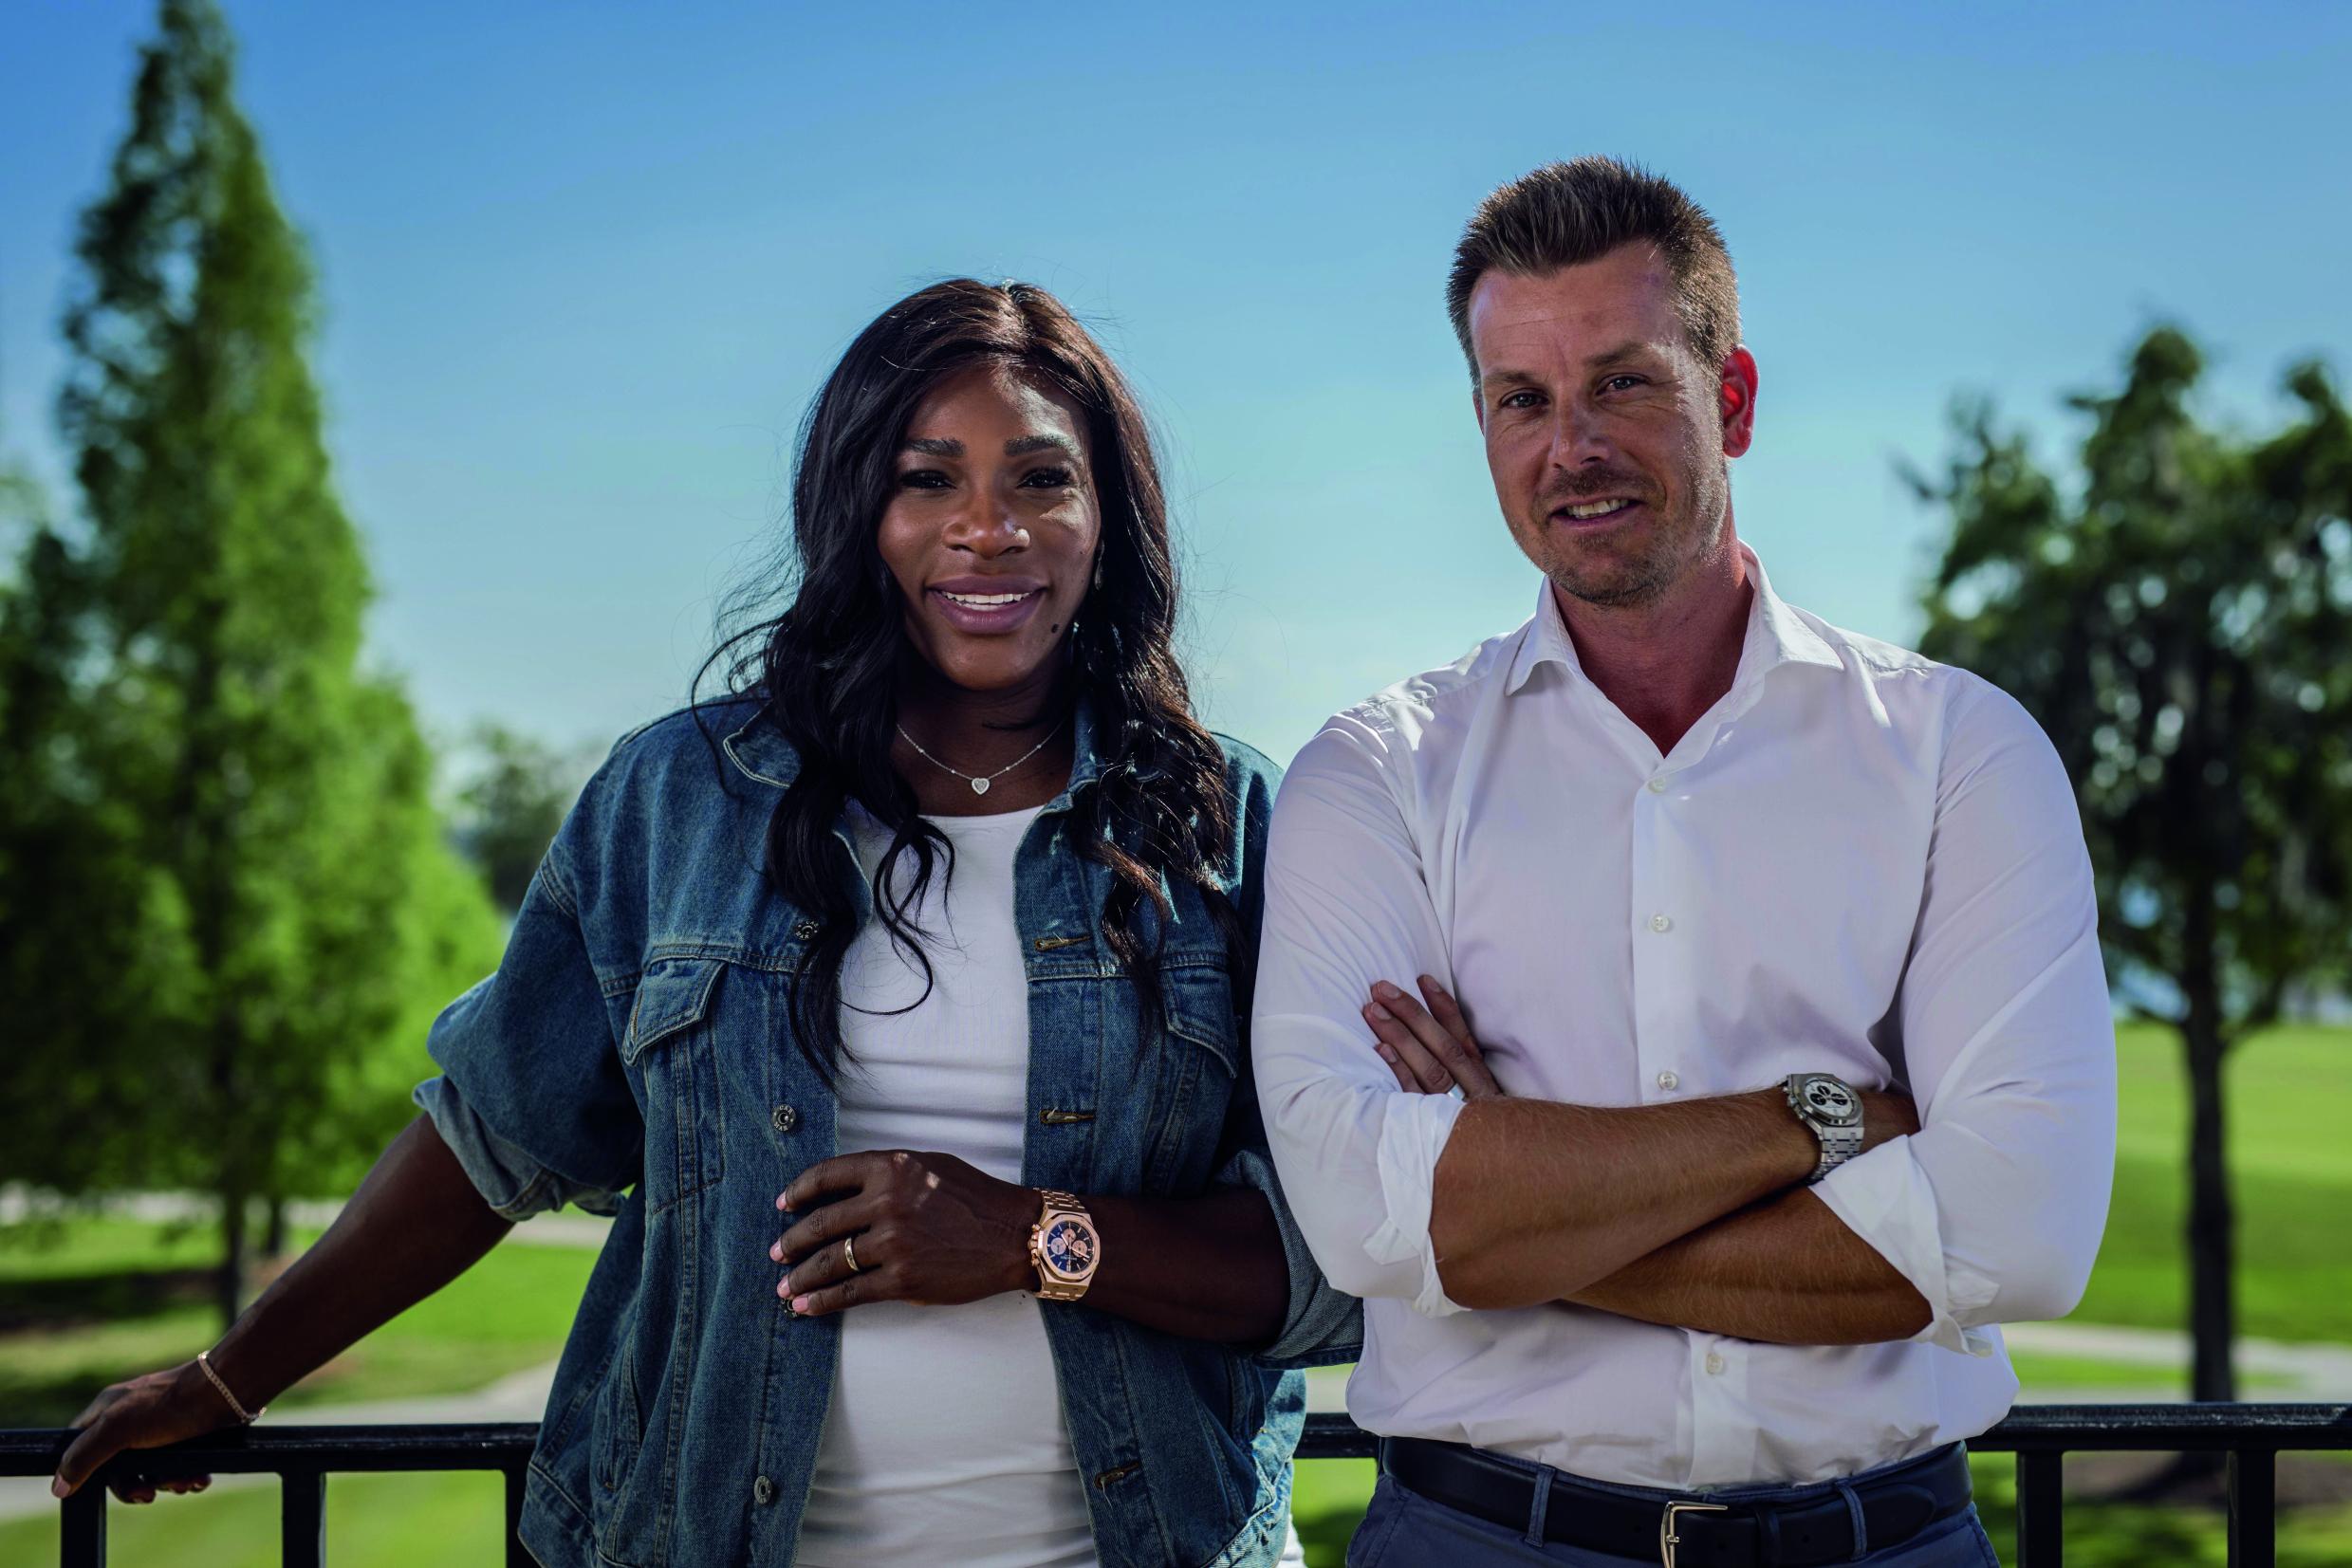 An der Seite der Weltklasse-Tennisspielerin Serena Williams macht Henrik Stenson ebenfalls eine gute Figur. (Foto: Audemars Piguet)